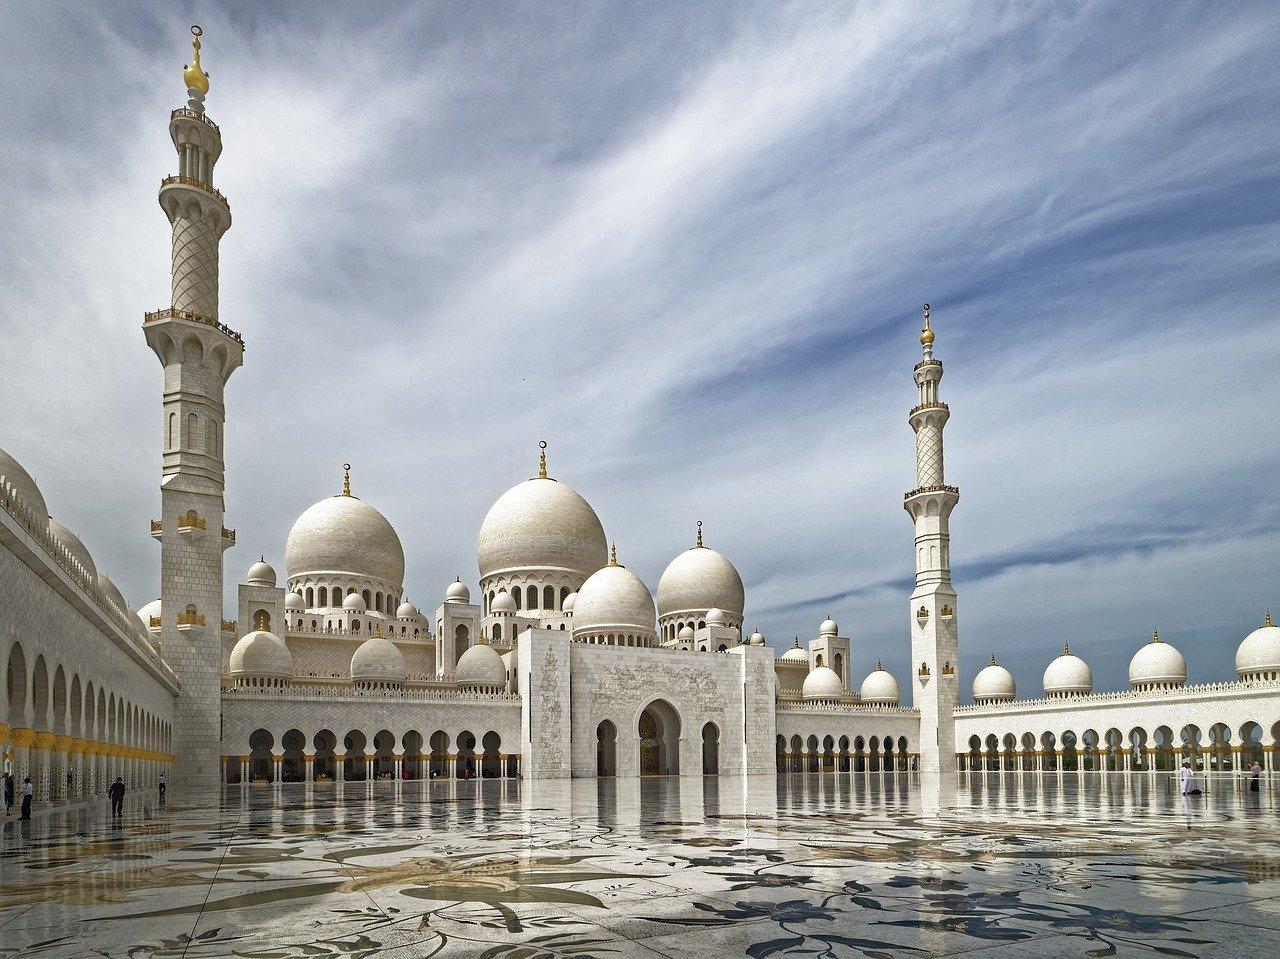 Moscheea Sheikh Zayed